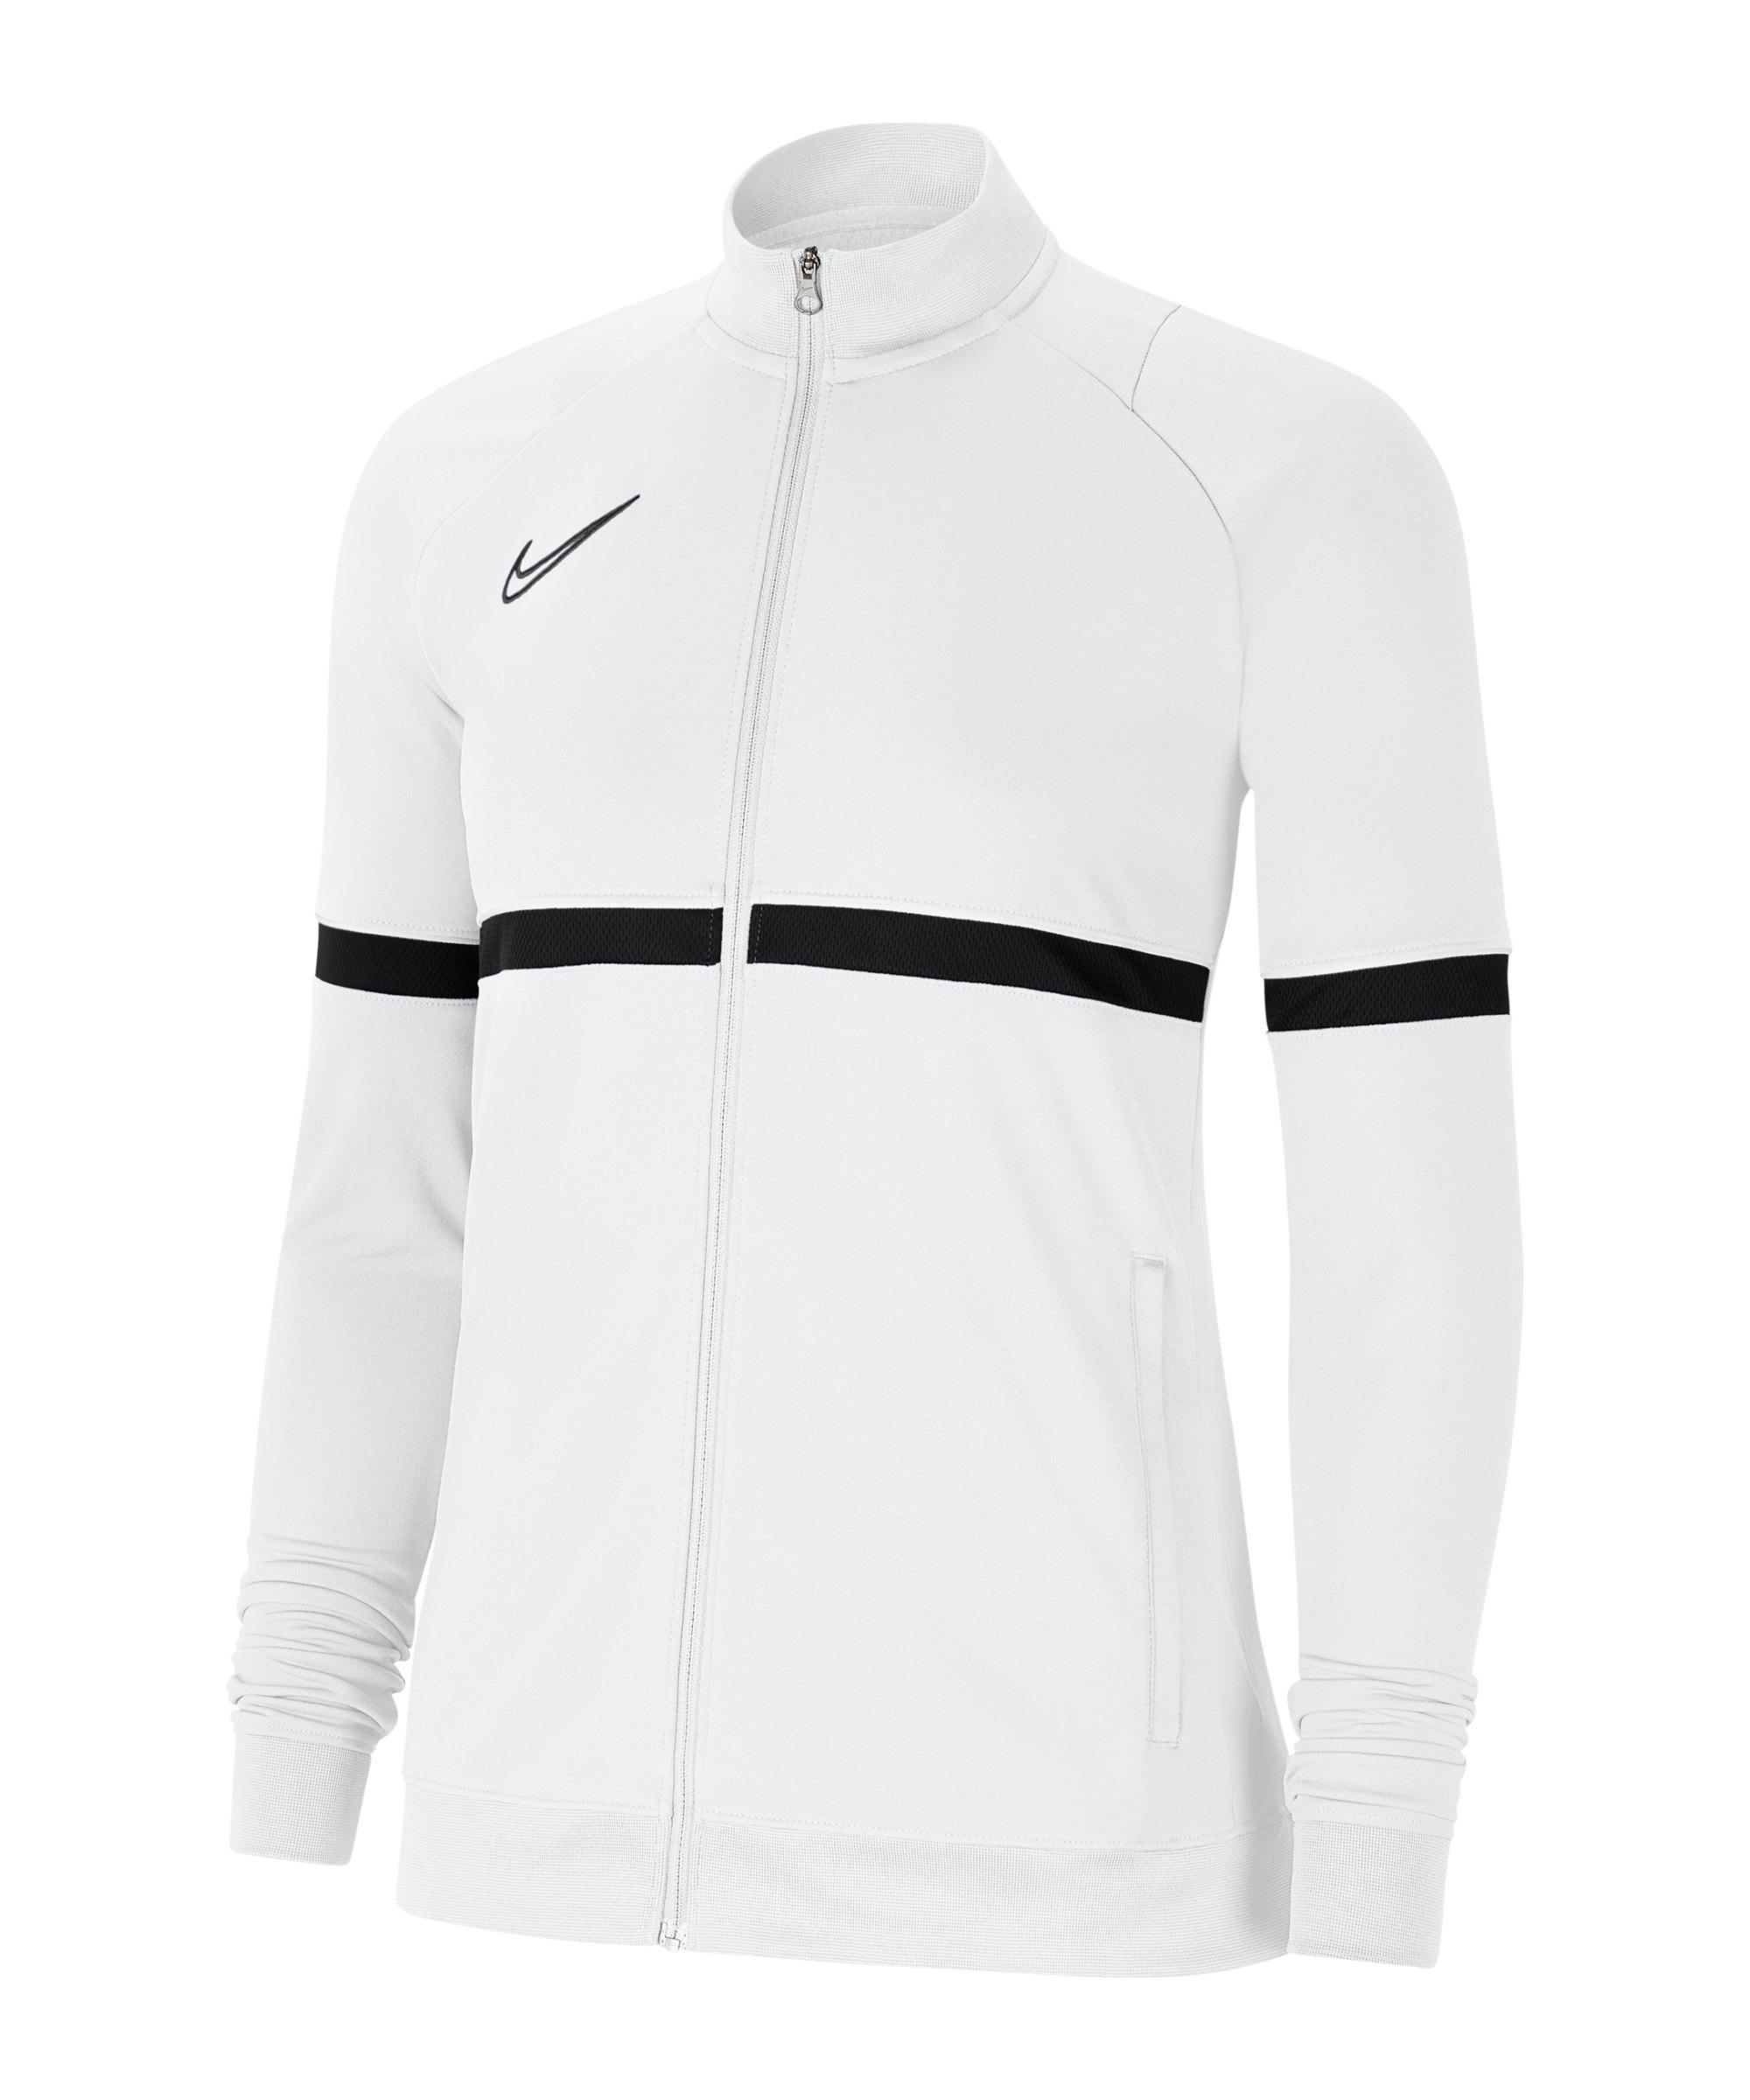 Nike Academy 21 Trainingsjacke Damen Weiss F100 - weiss